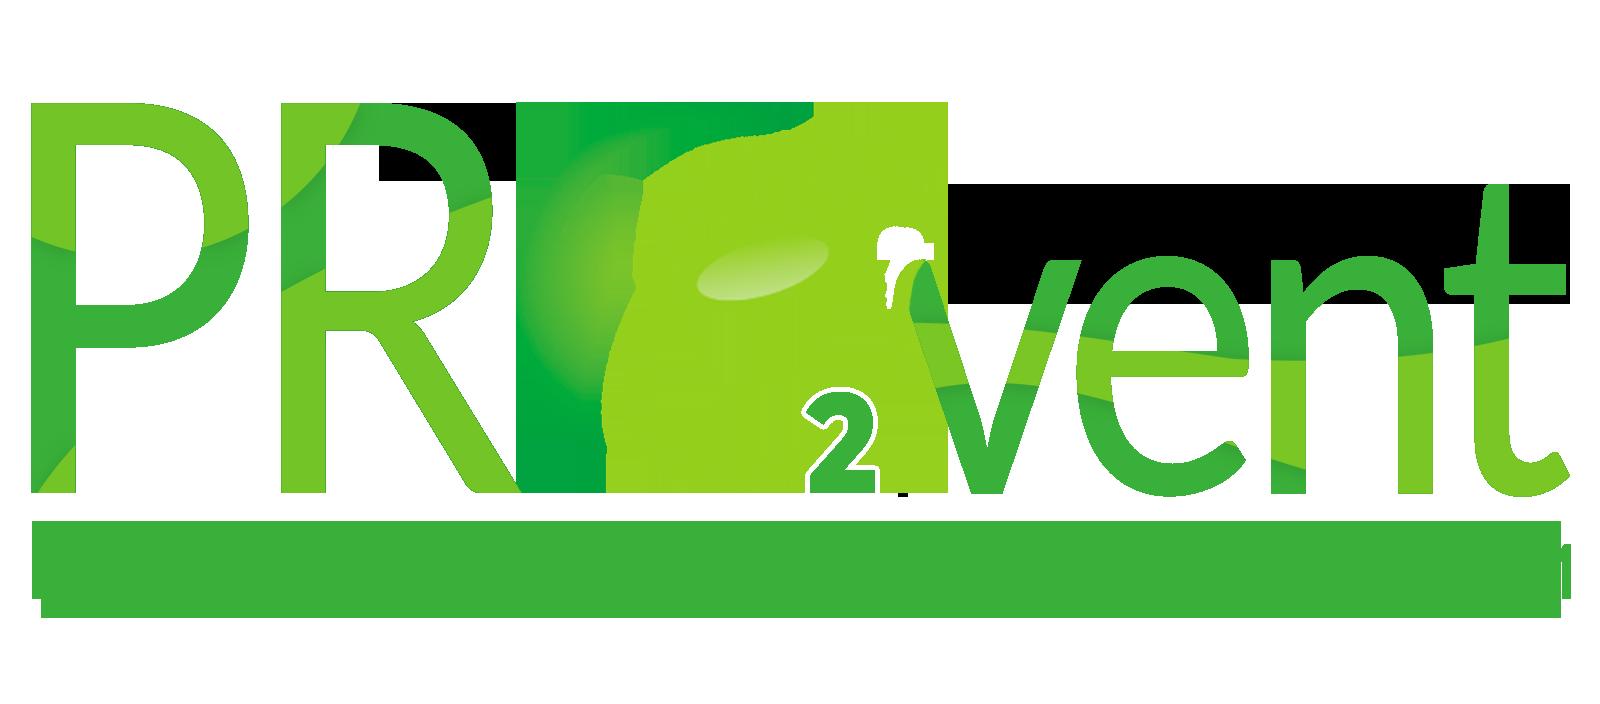 Проветриватели.рф